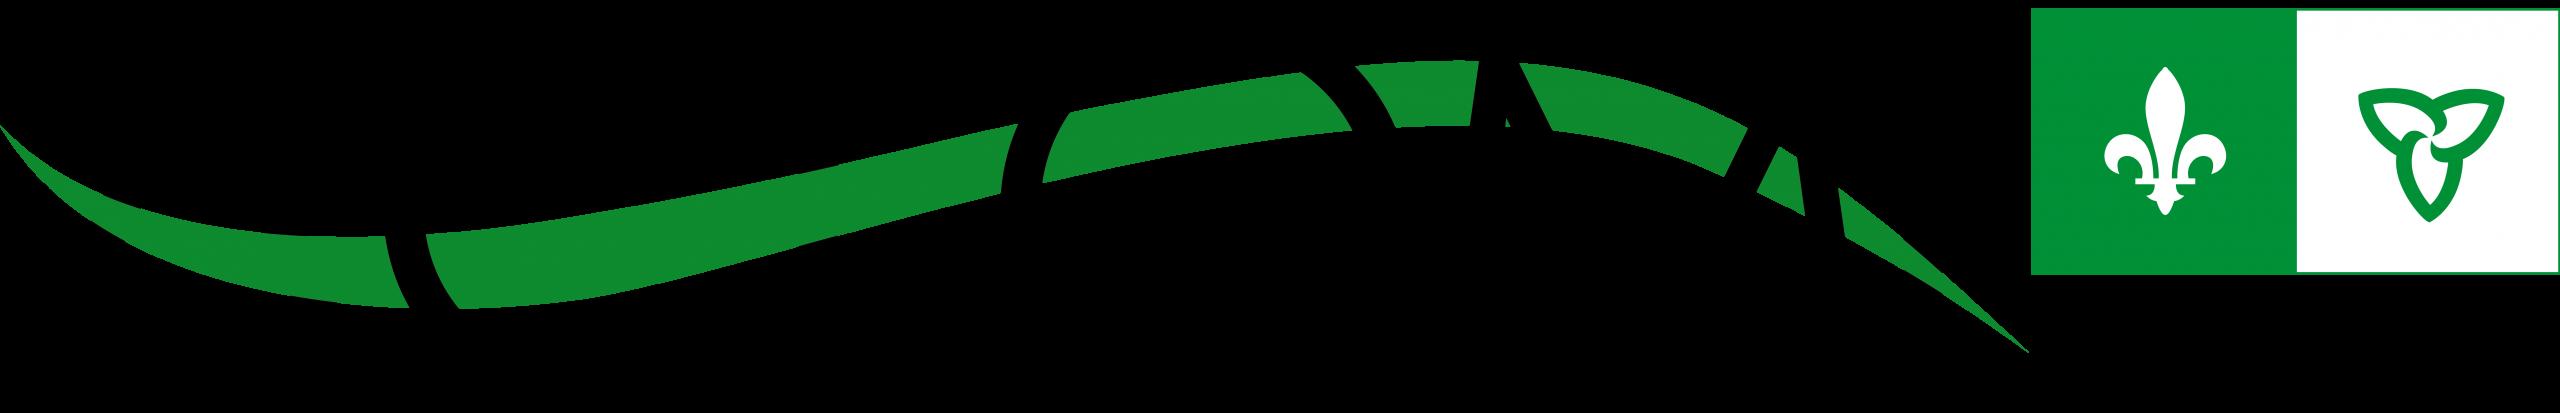 ACFOMI (Association canadienne-française de l'Ontario, Conseil régional des Mille-îles) - https://www.acfomi.org/